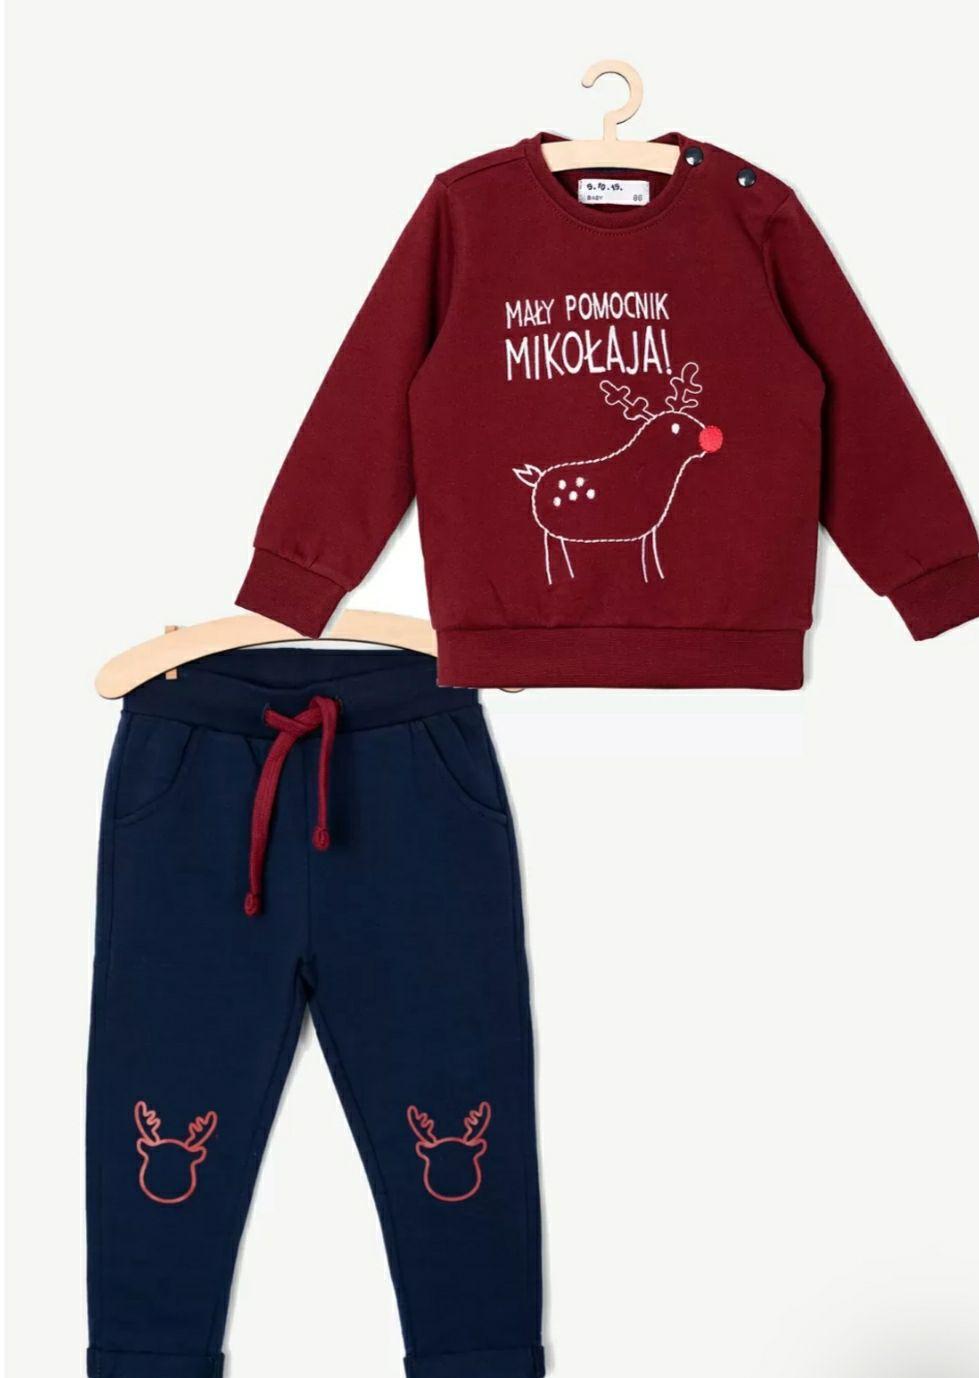 Świąteczny komplet ubranka dla niemowlaka r.62